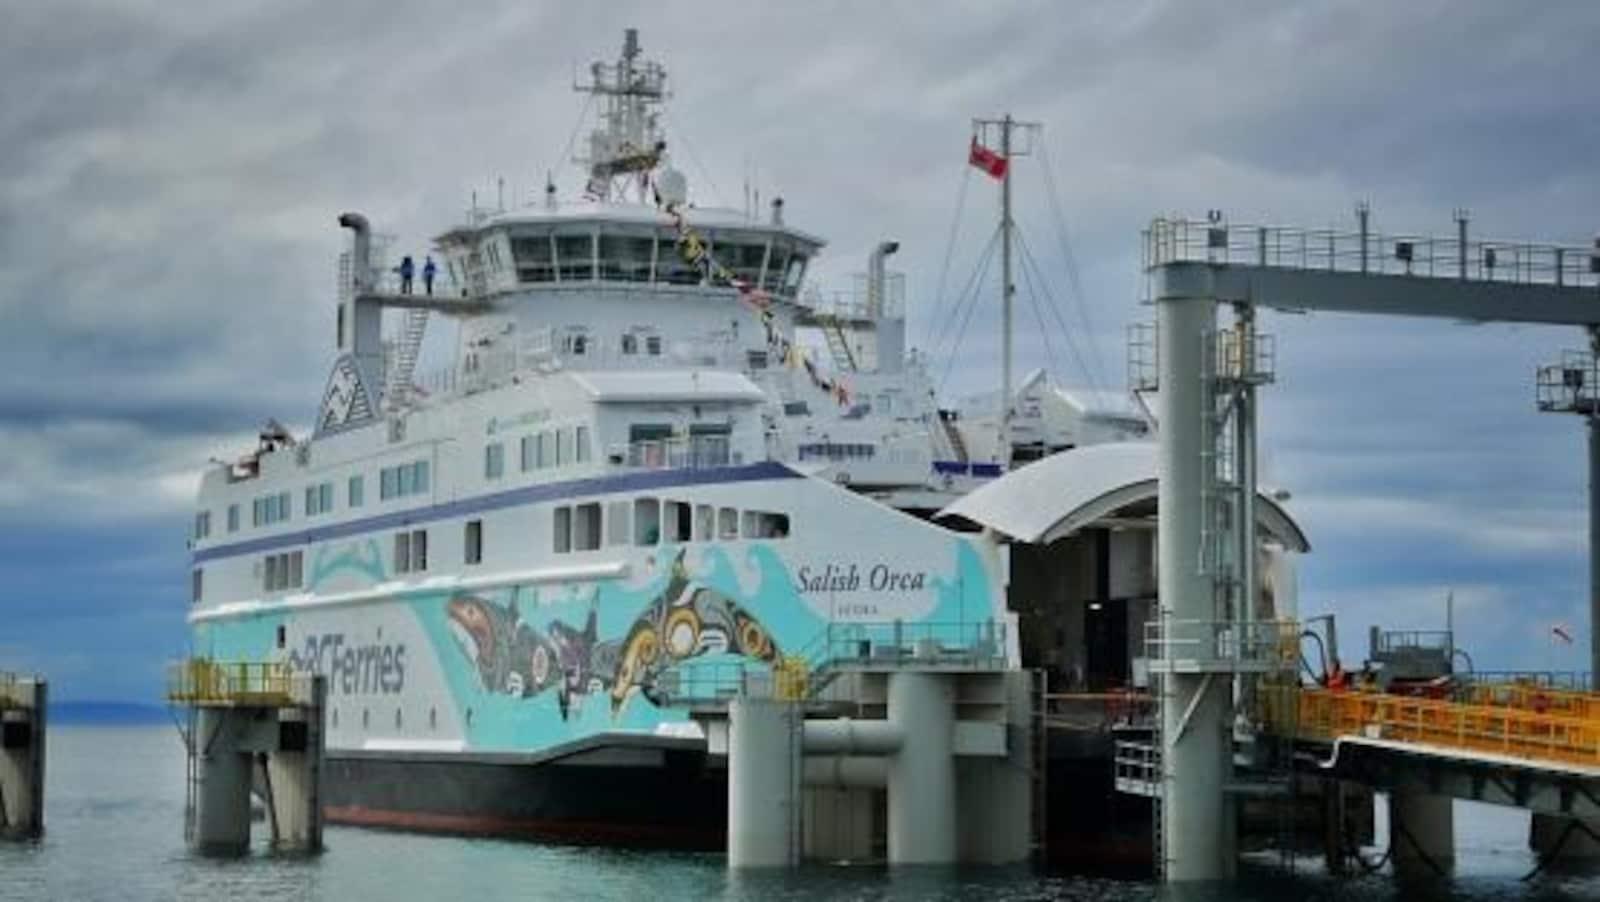 Le traversier Salish Orca de BC Ferries